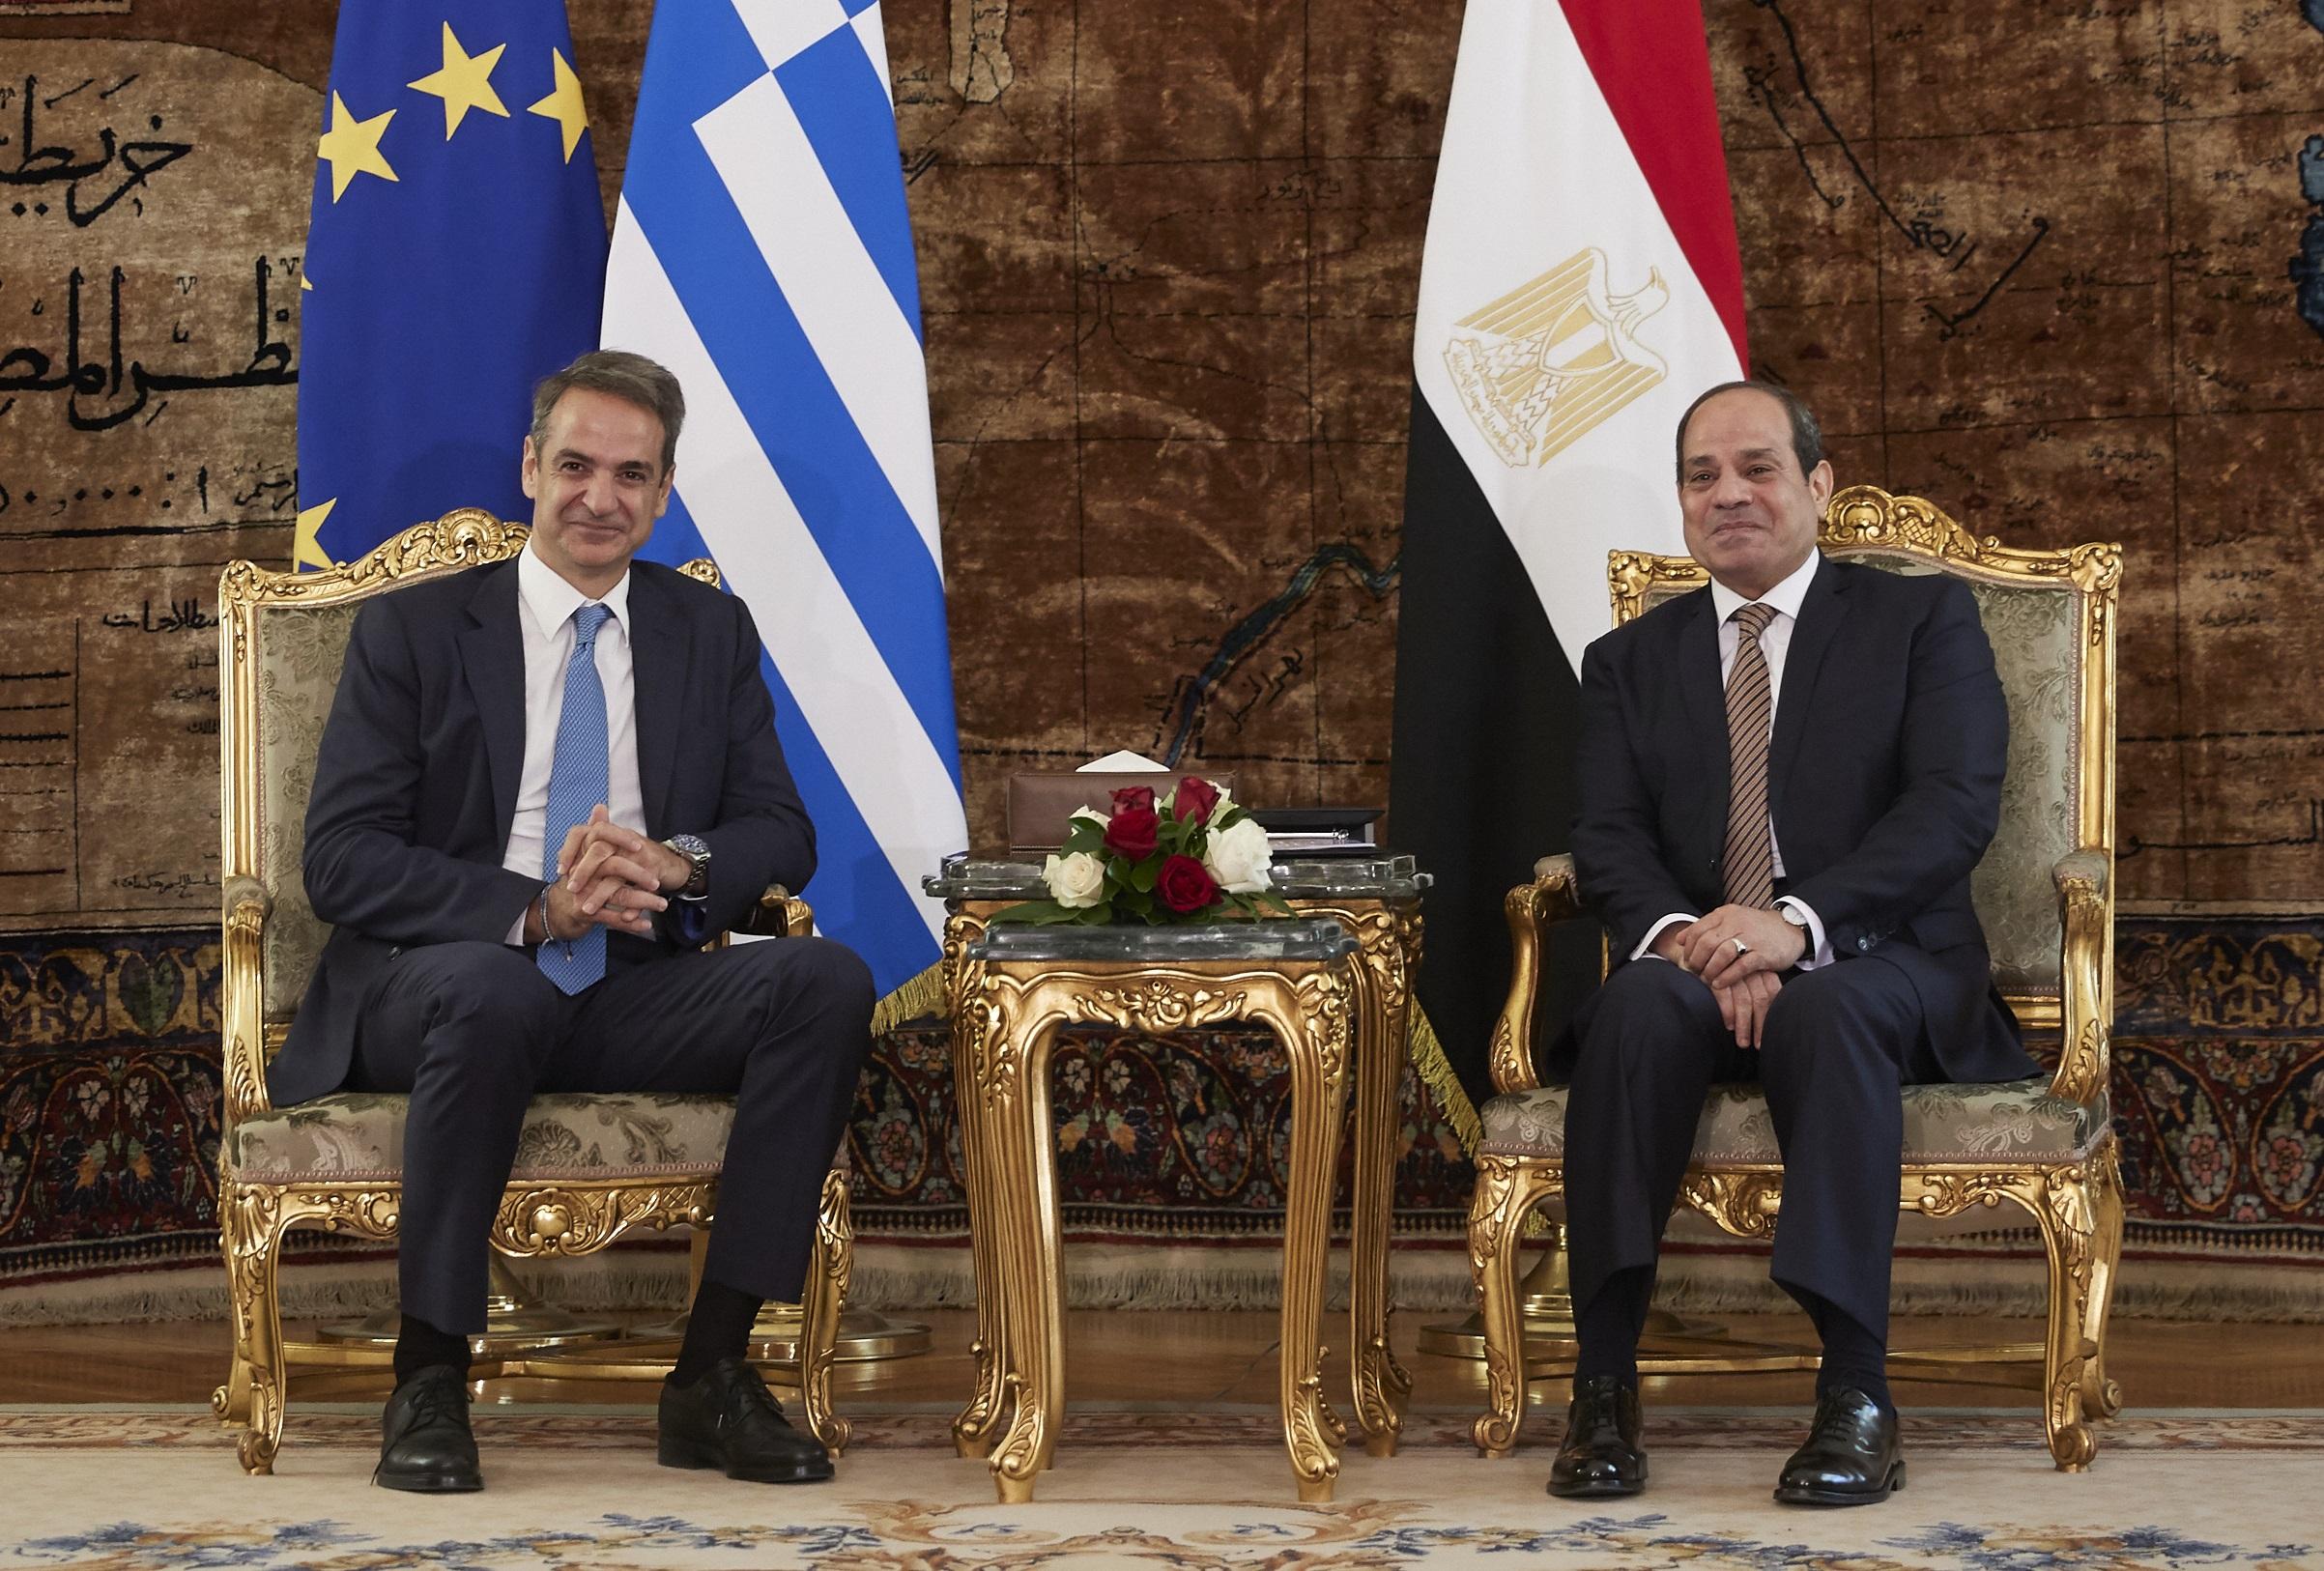 Στην Αίγυπτο ο Μητσοτάκης